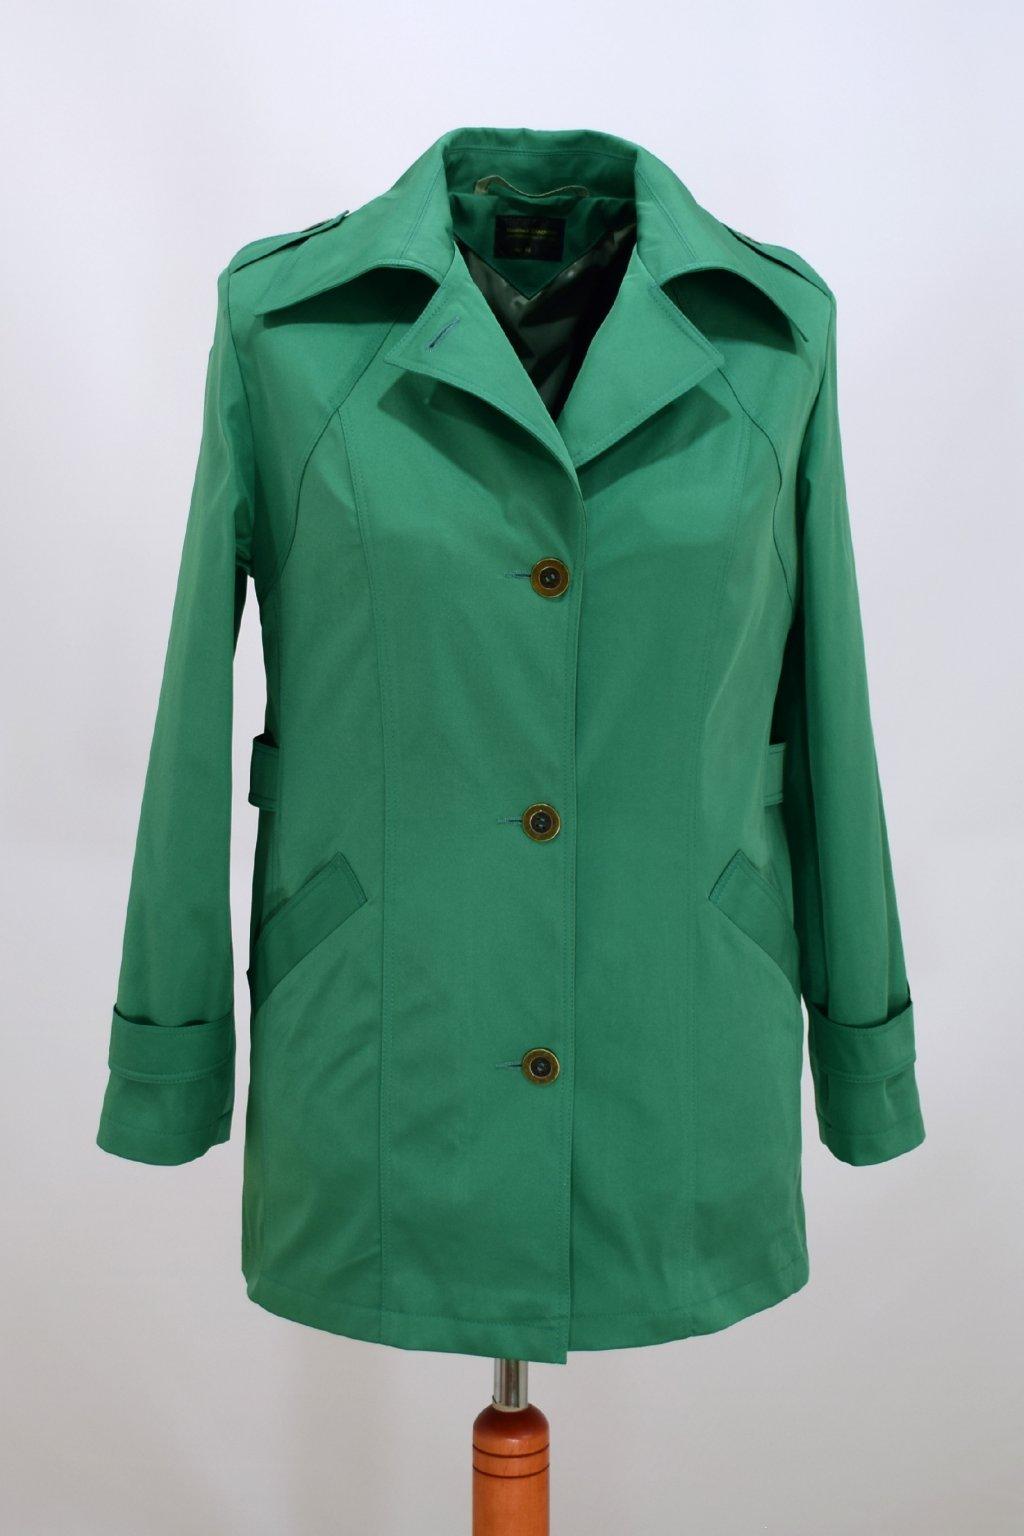 Dámský zelený jarní kabátek Klára nadměrné velikosti.